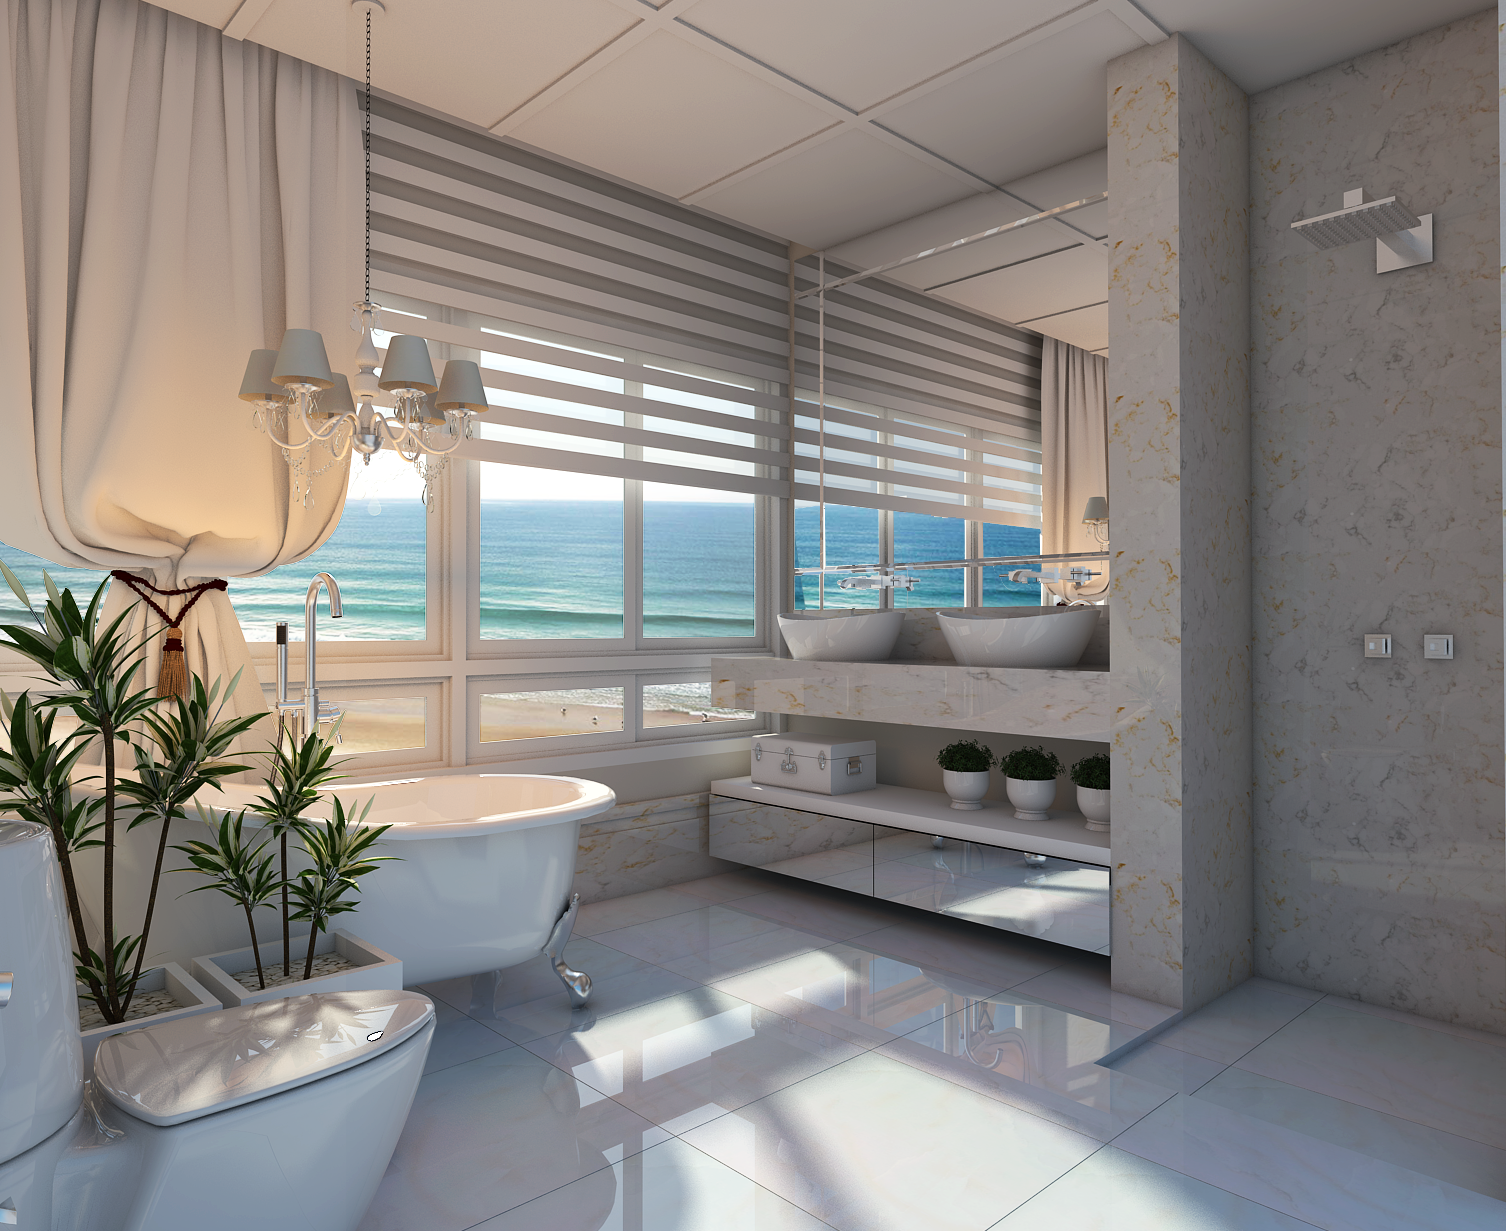 Projeto Design Interiores Apartamento Guarujá Praia Pitangueiras  #8C663F 1506 1231